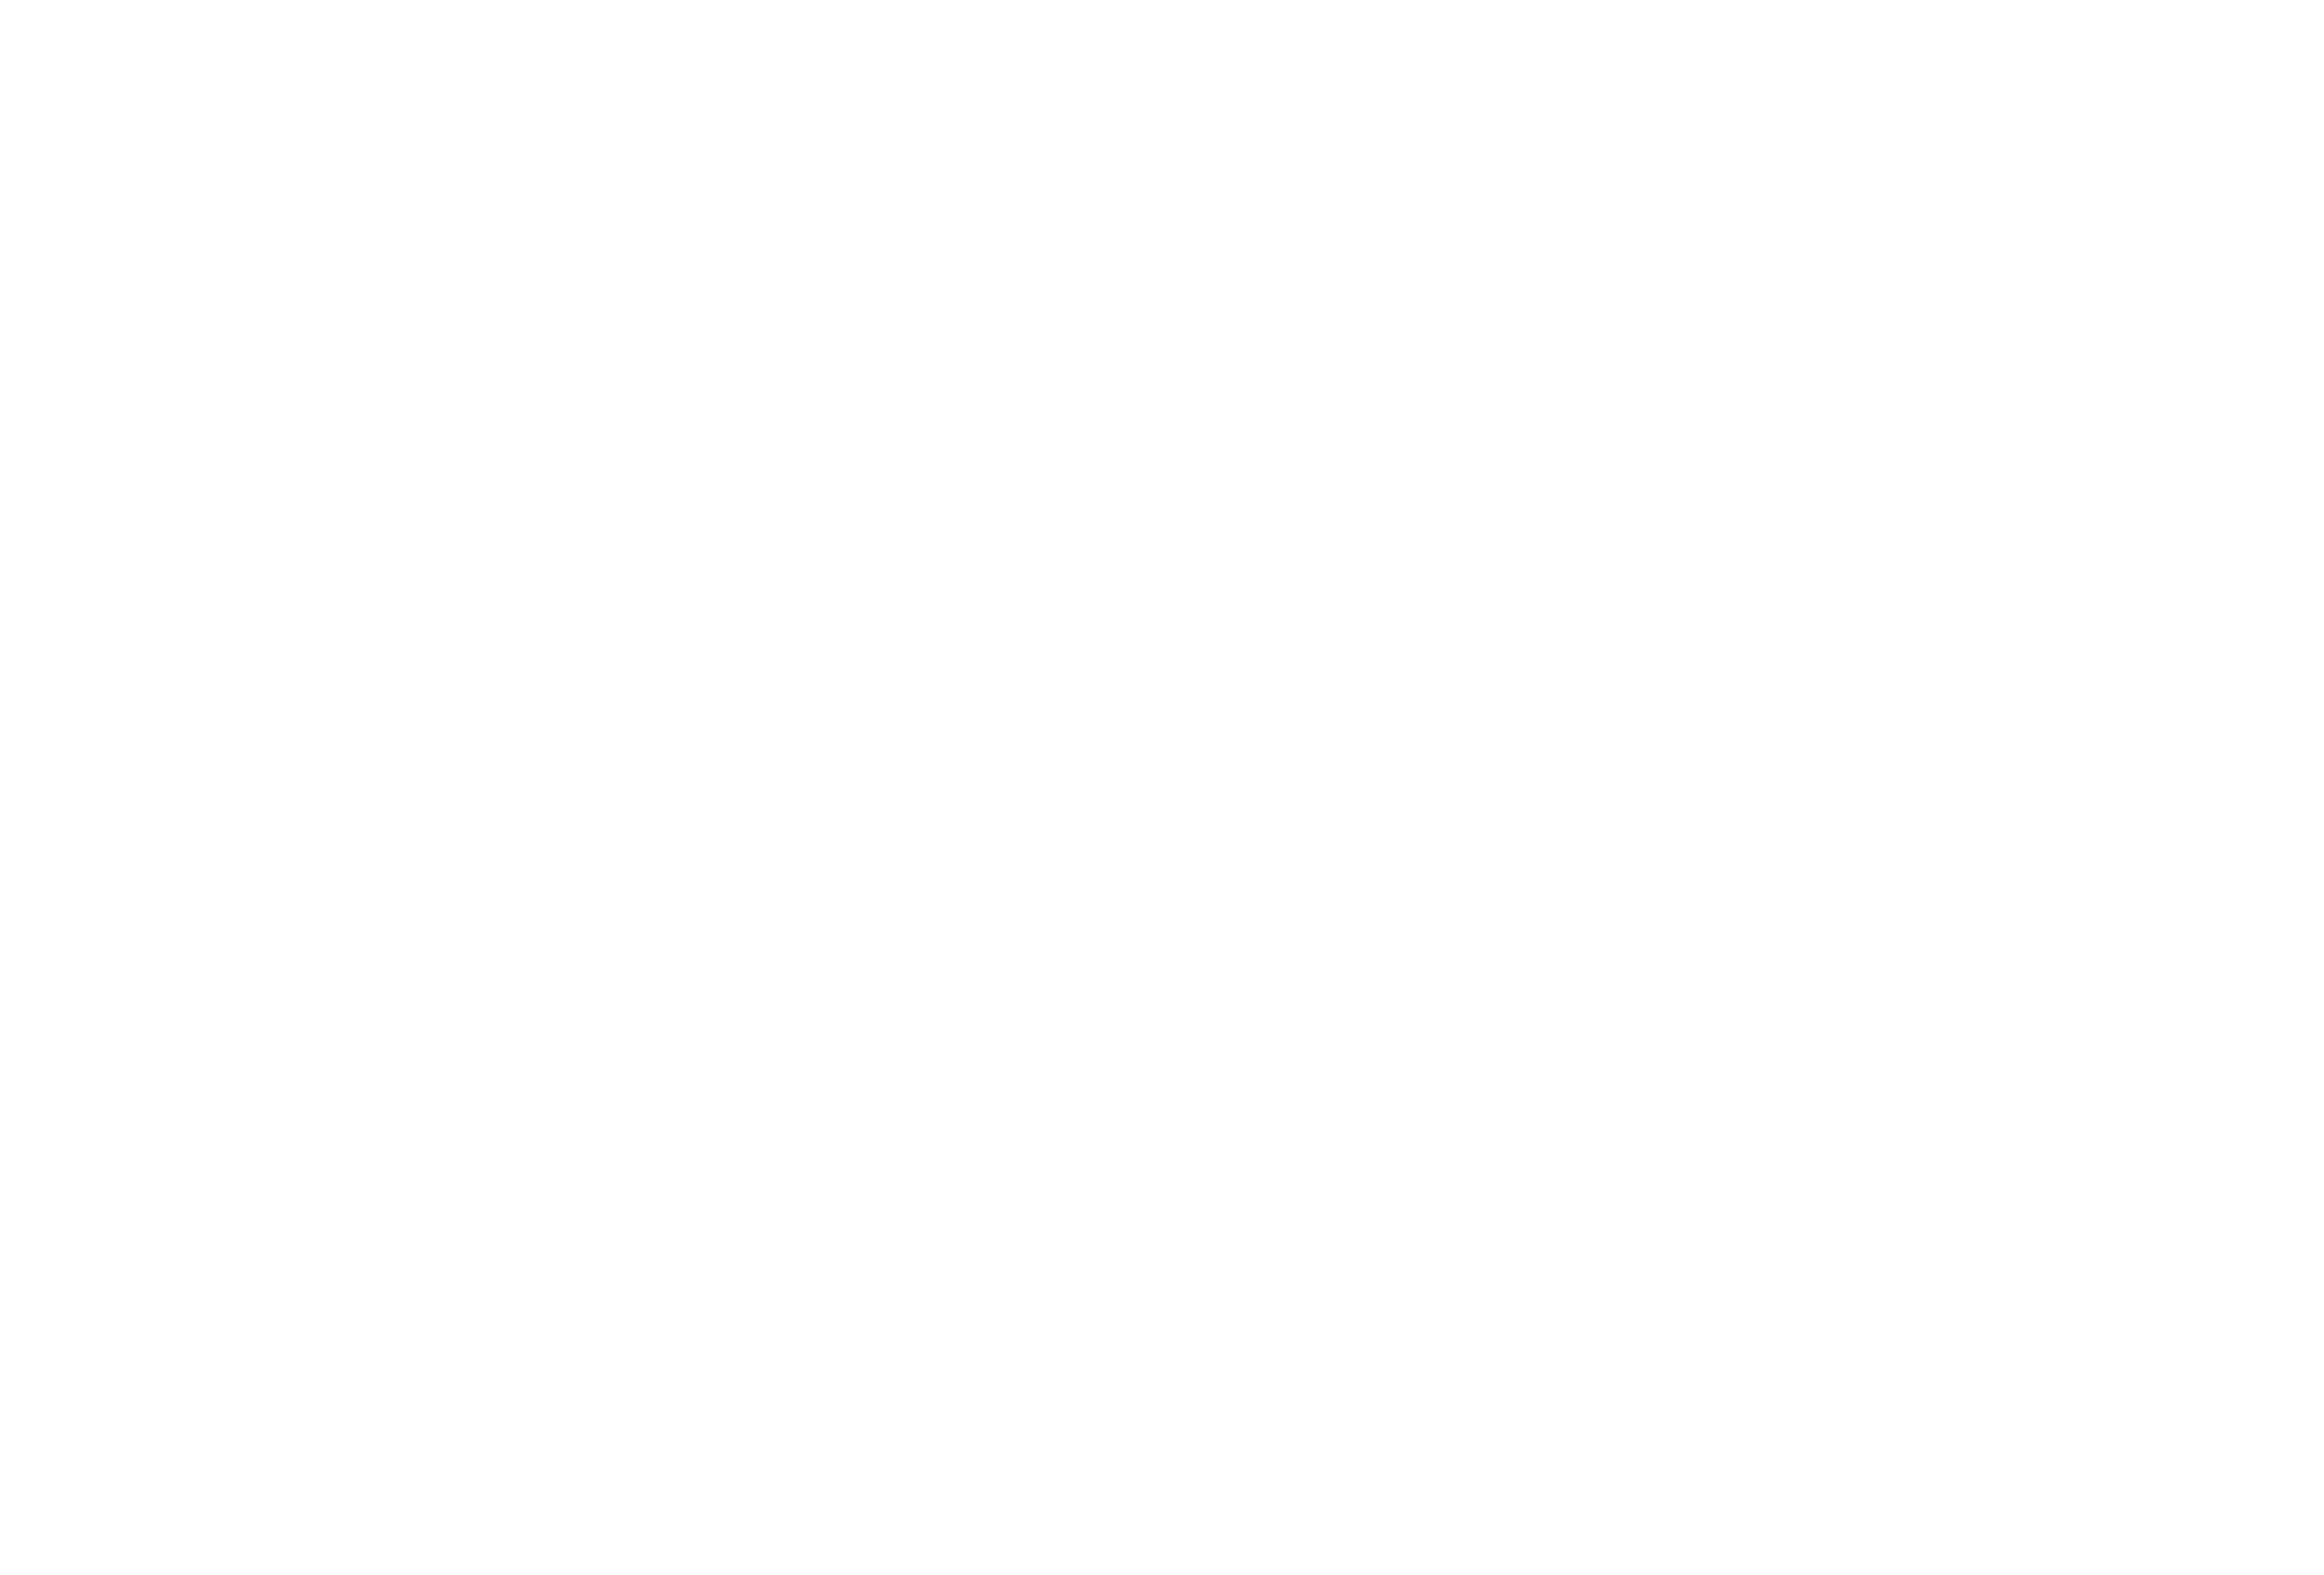 wf logo white